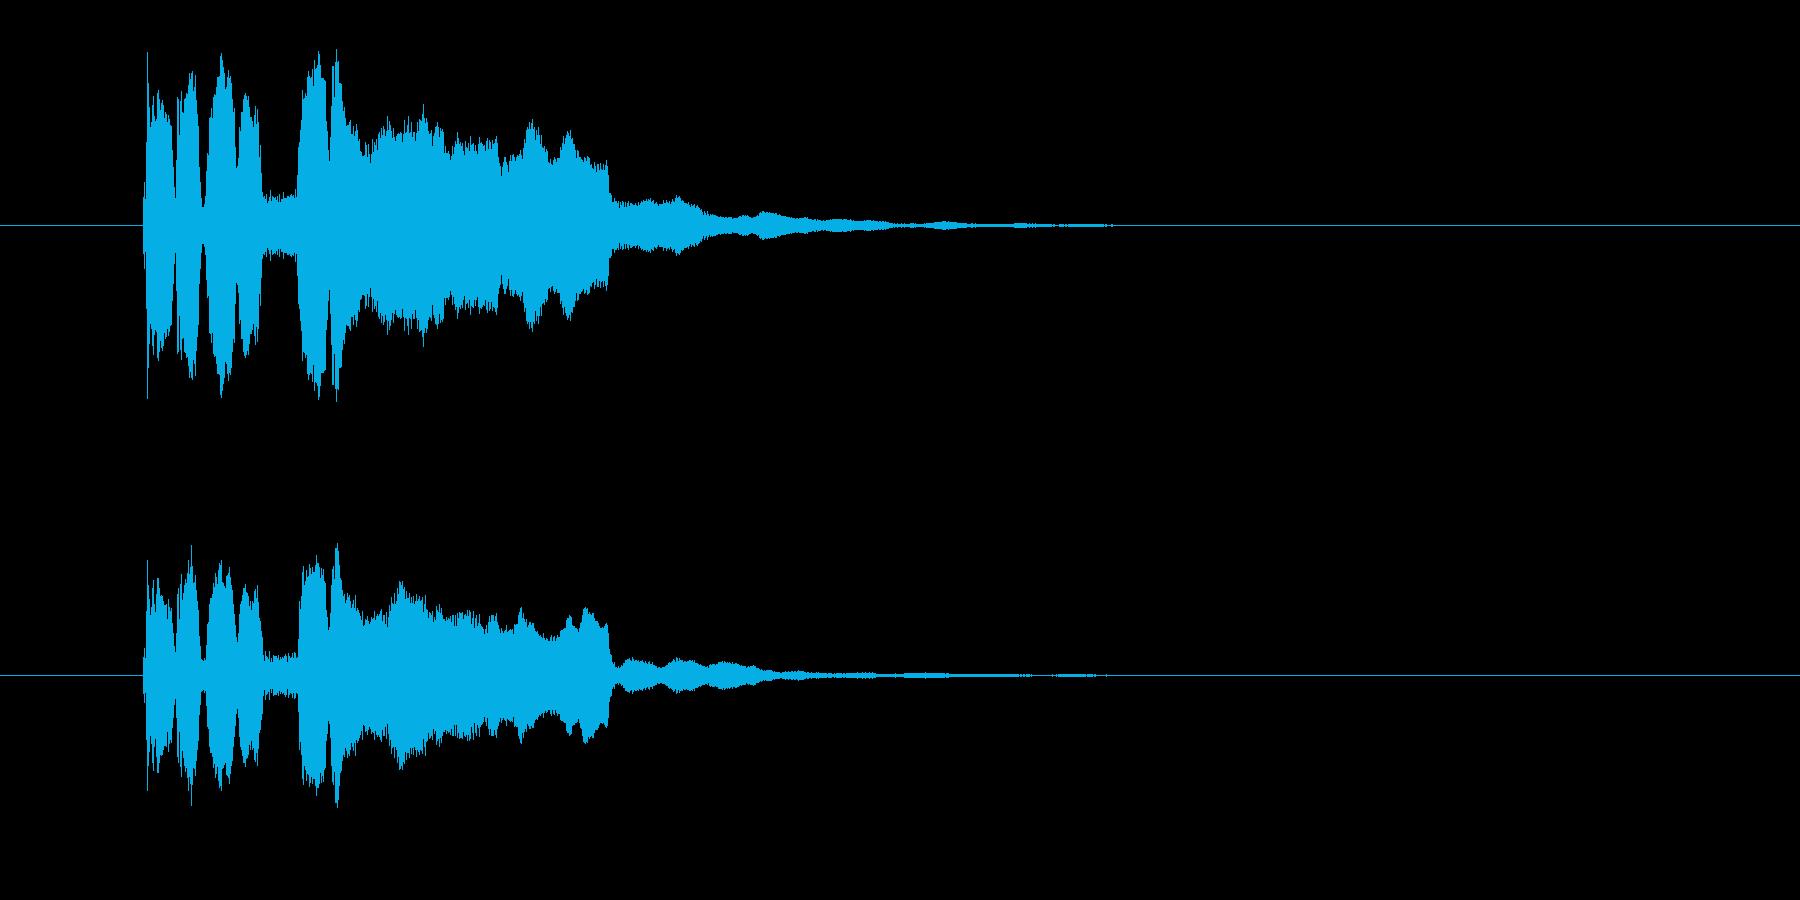 正解した時のパラララッパラーという効果音の再生済みの波形